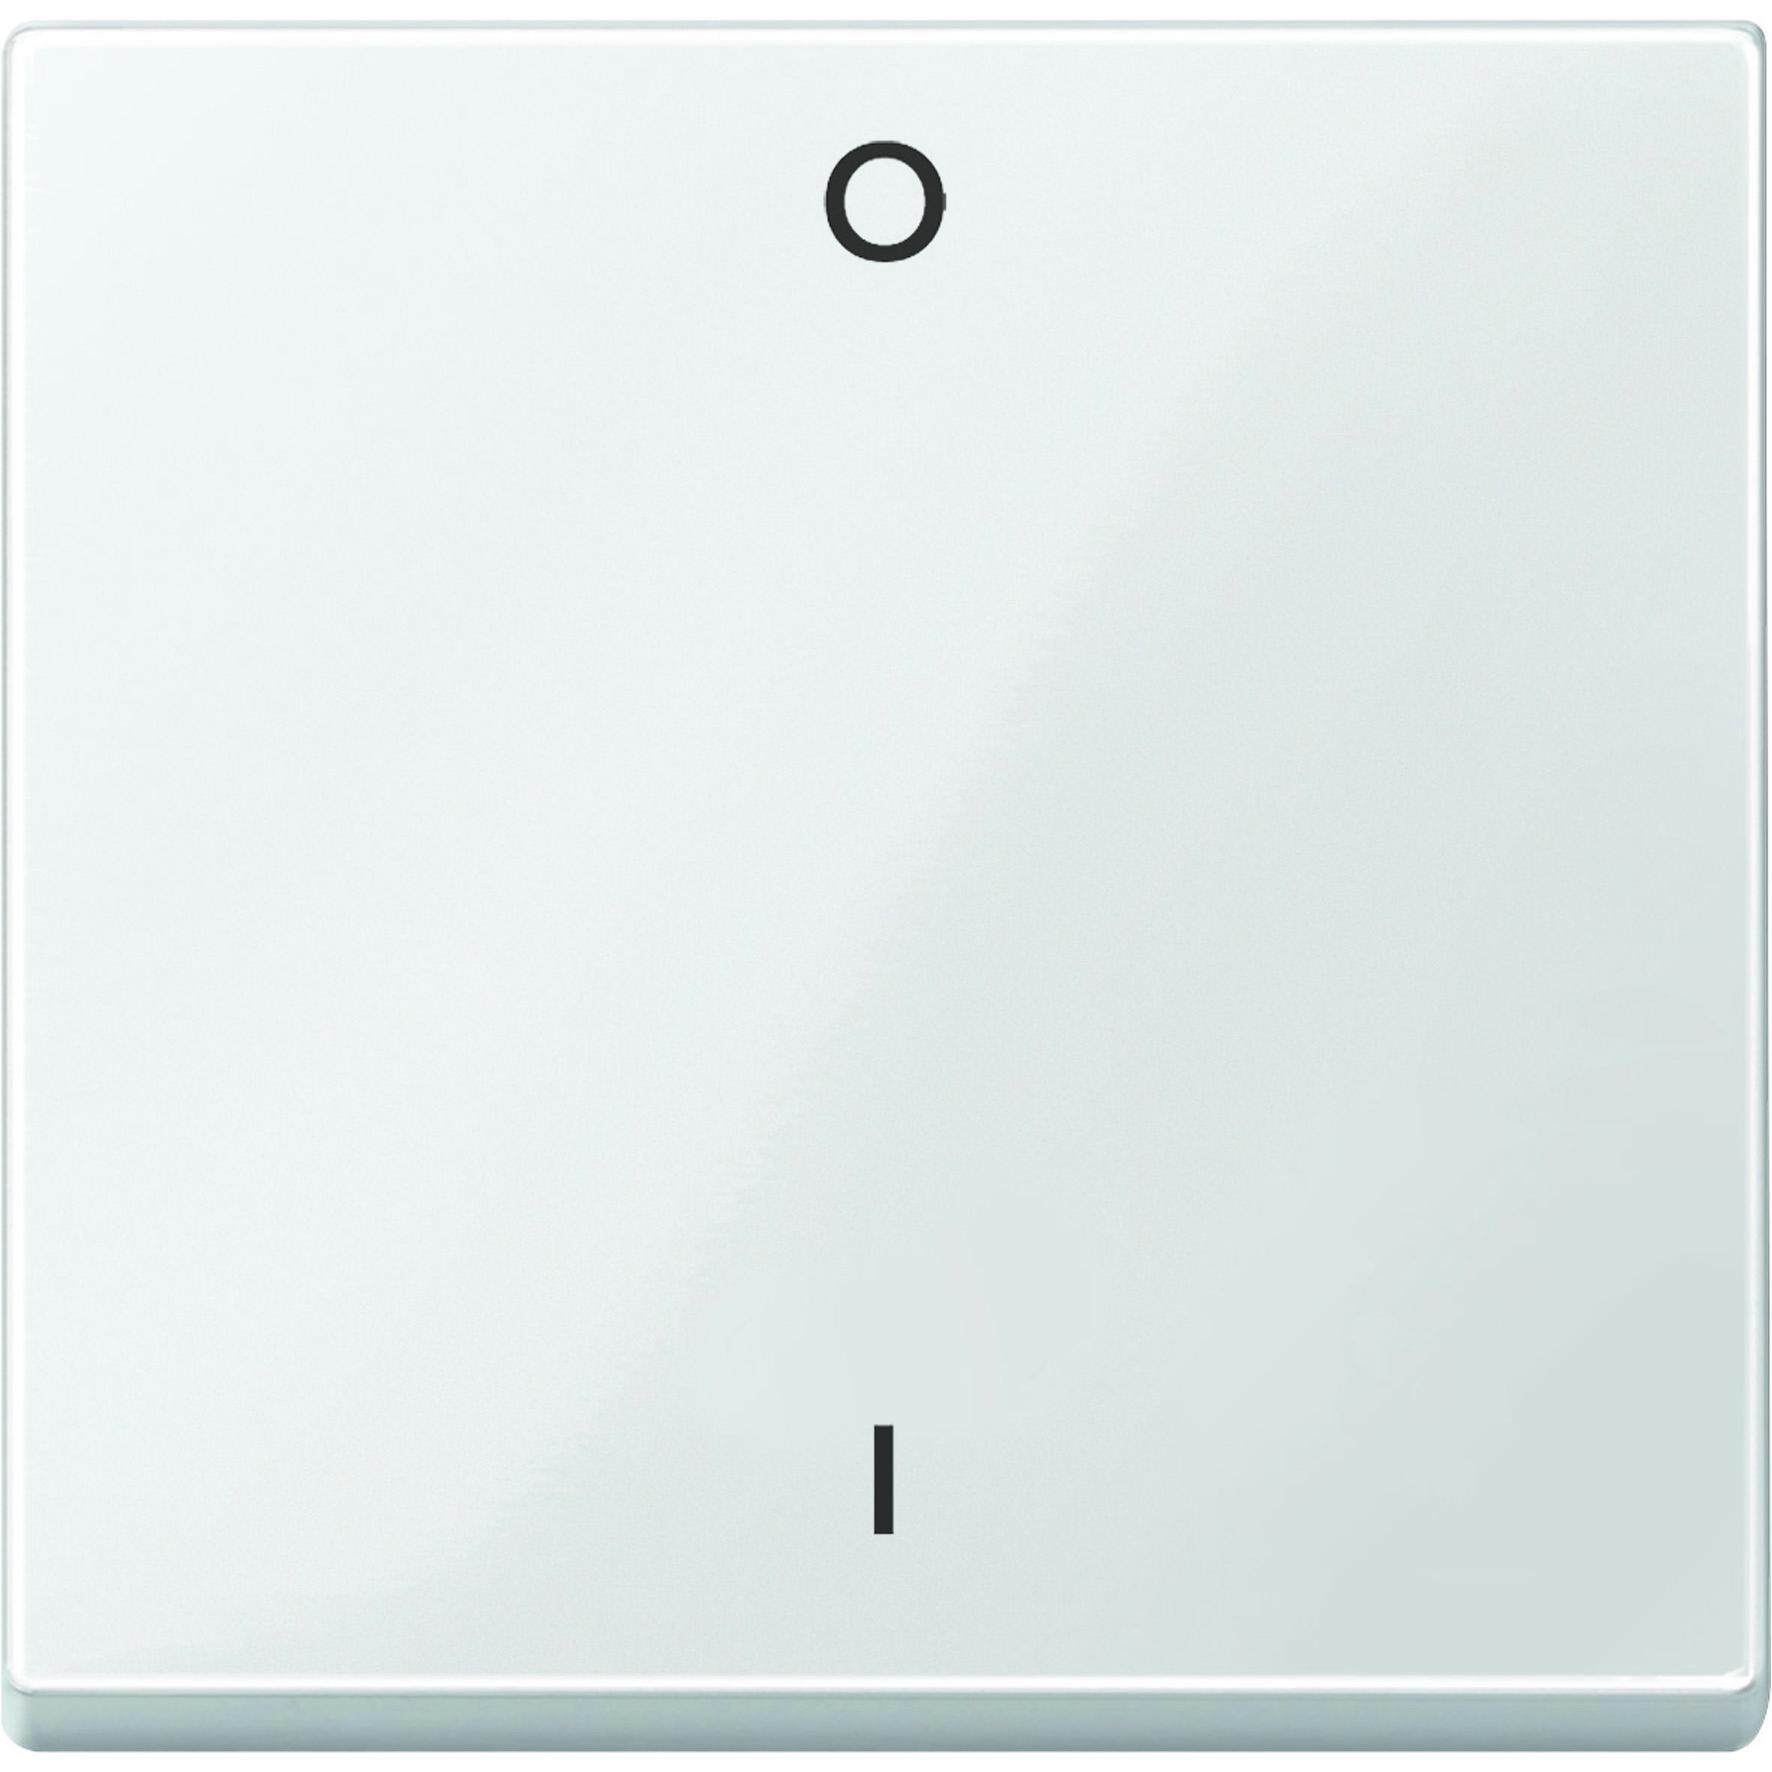 Schneider-Merten systeem M wip met aanduiding 0/1 - polarwit glanzend (MTN432219)